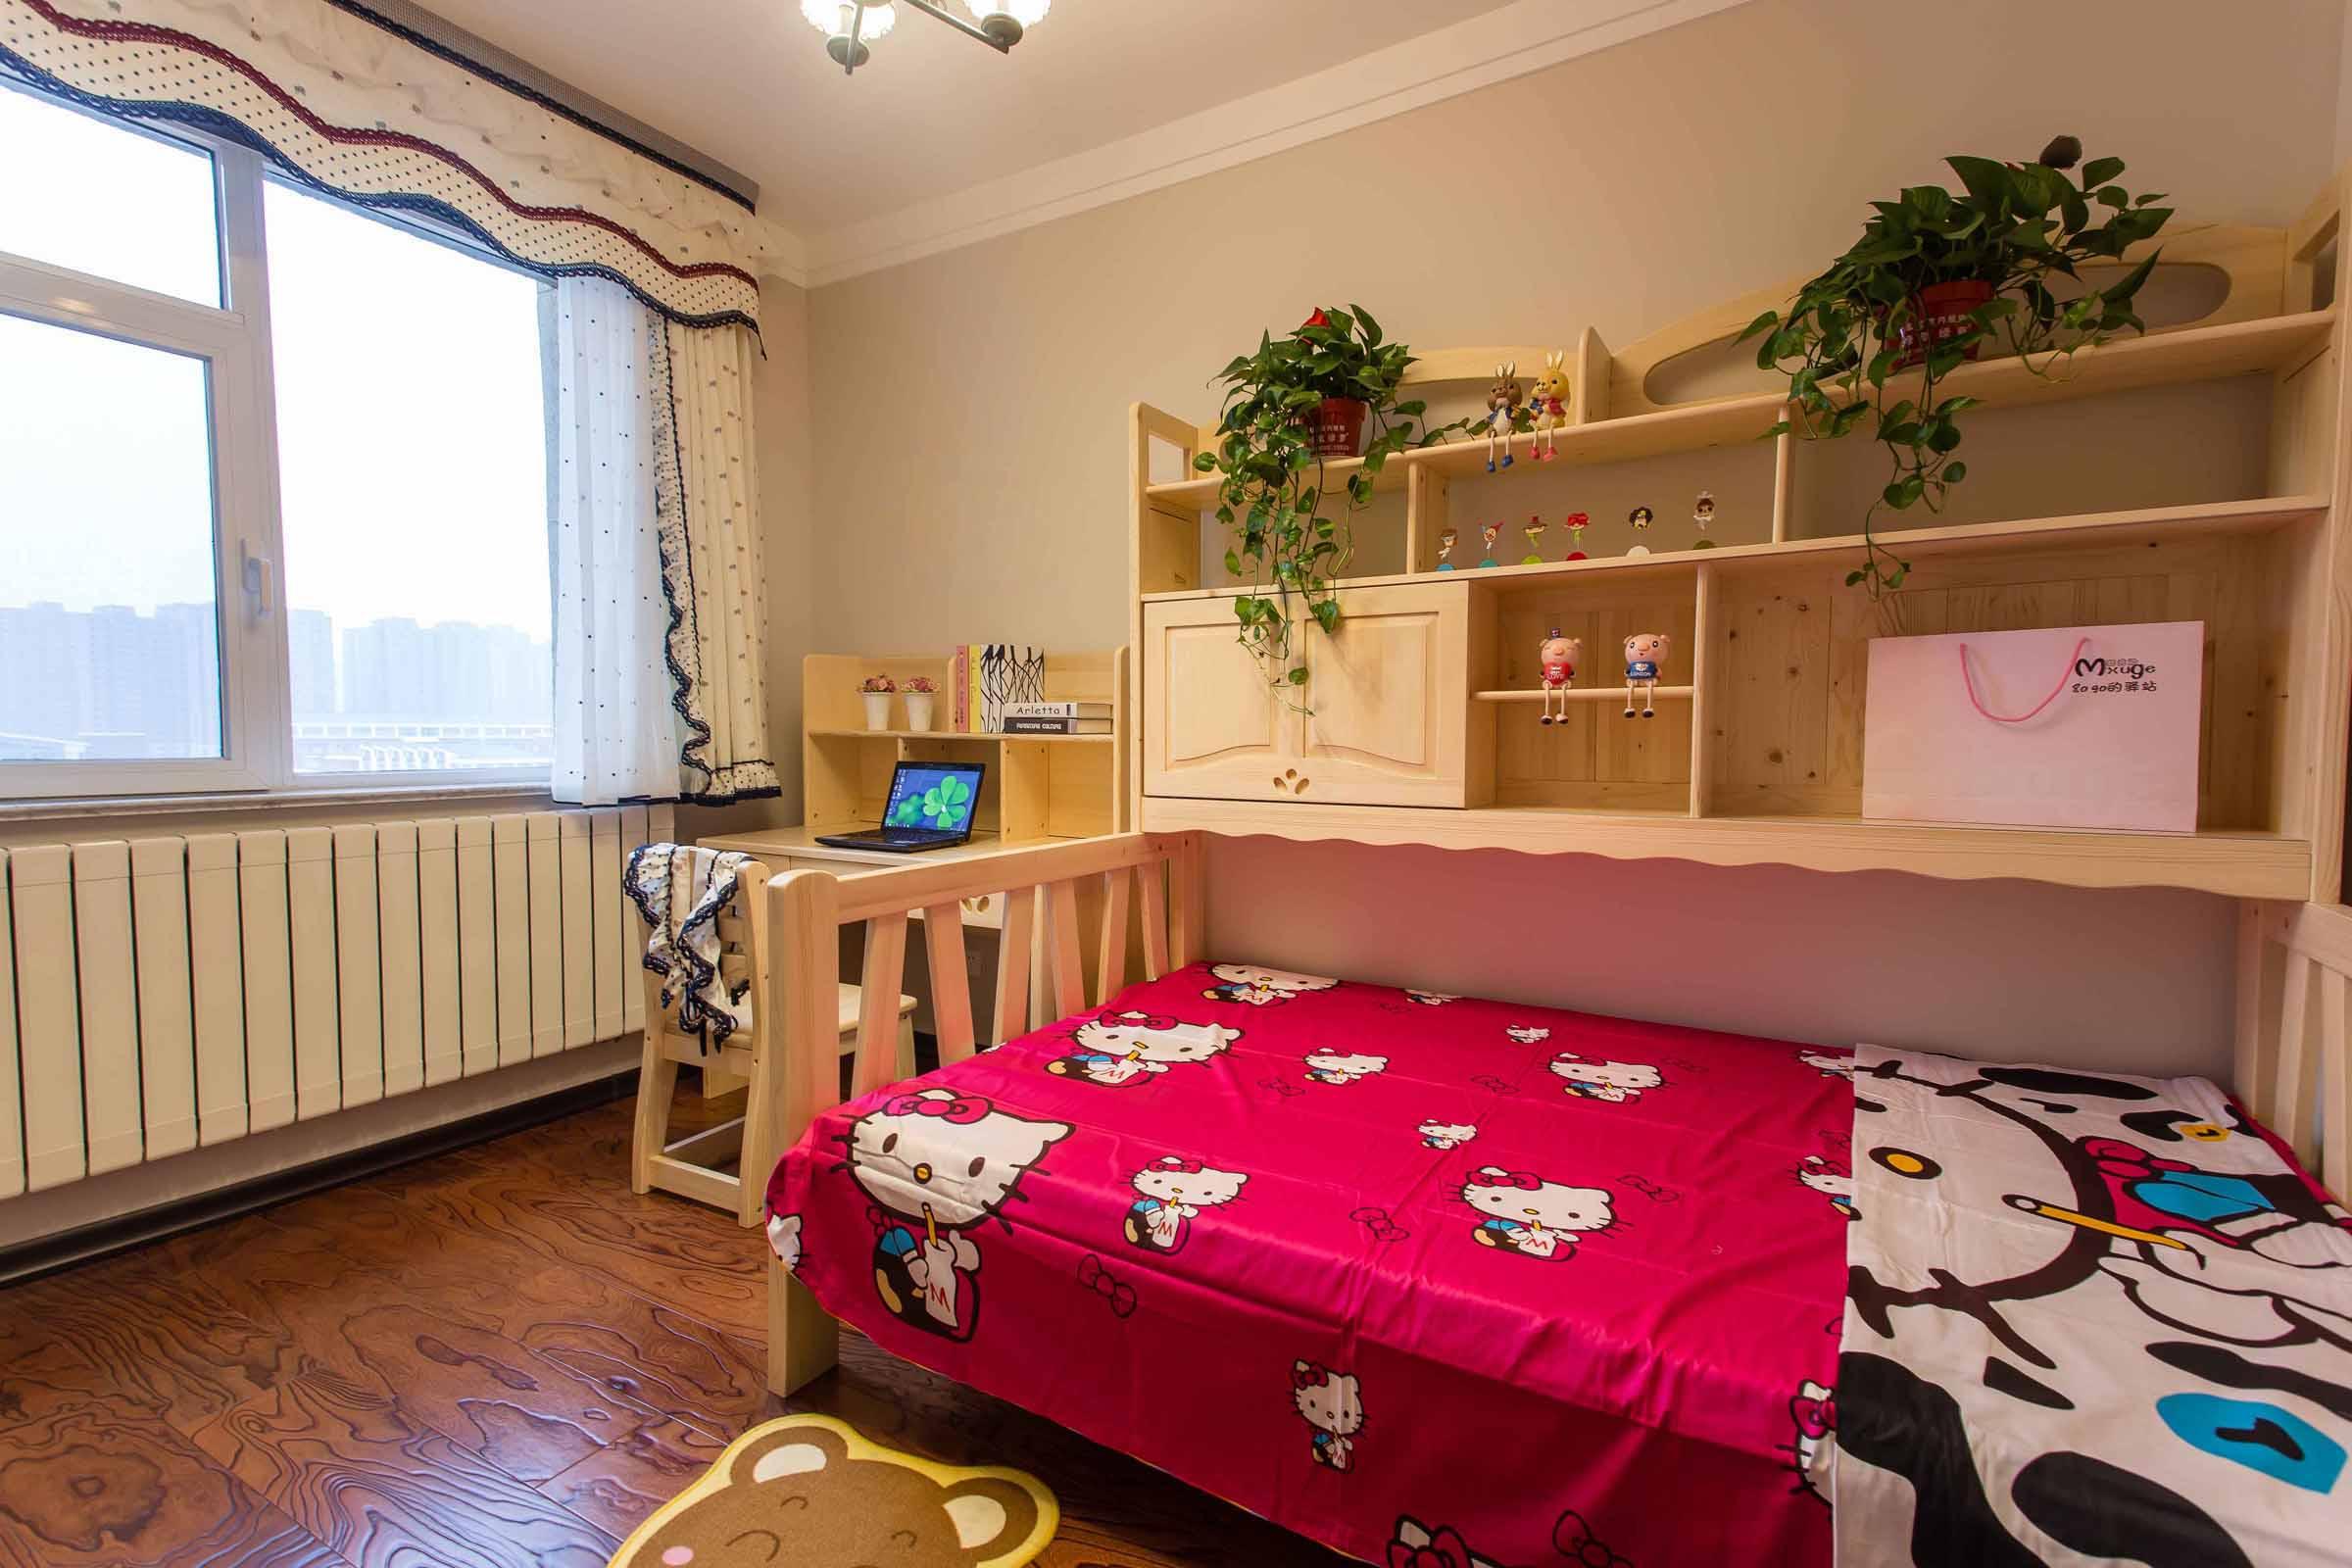 兒童房一看就是女孩子的房間||168手机彩票开奖,裝飾是為了孩子更好的嬉戲以及休息